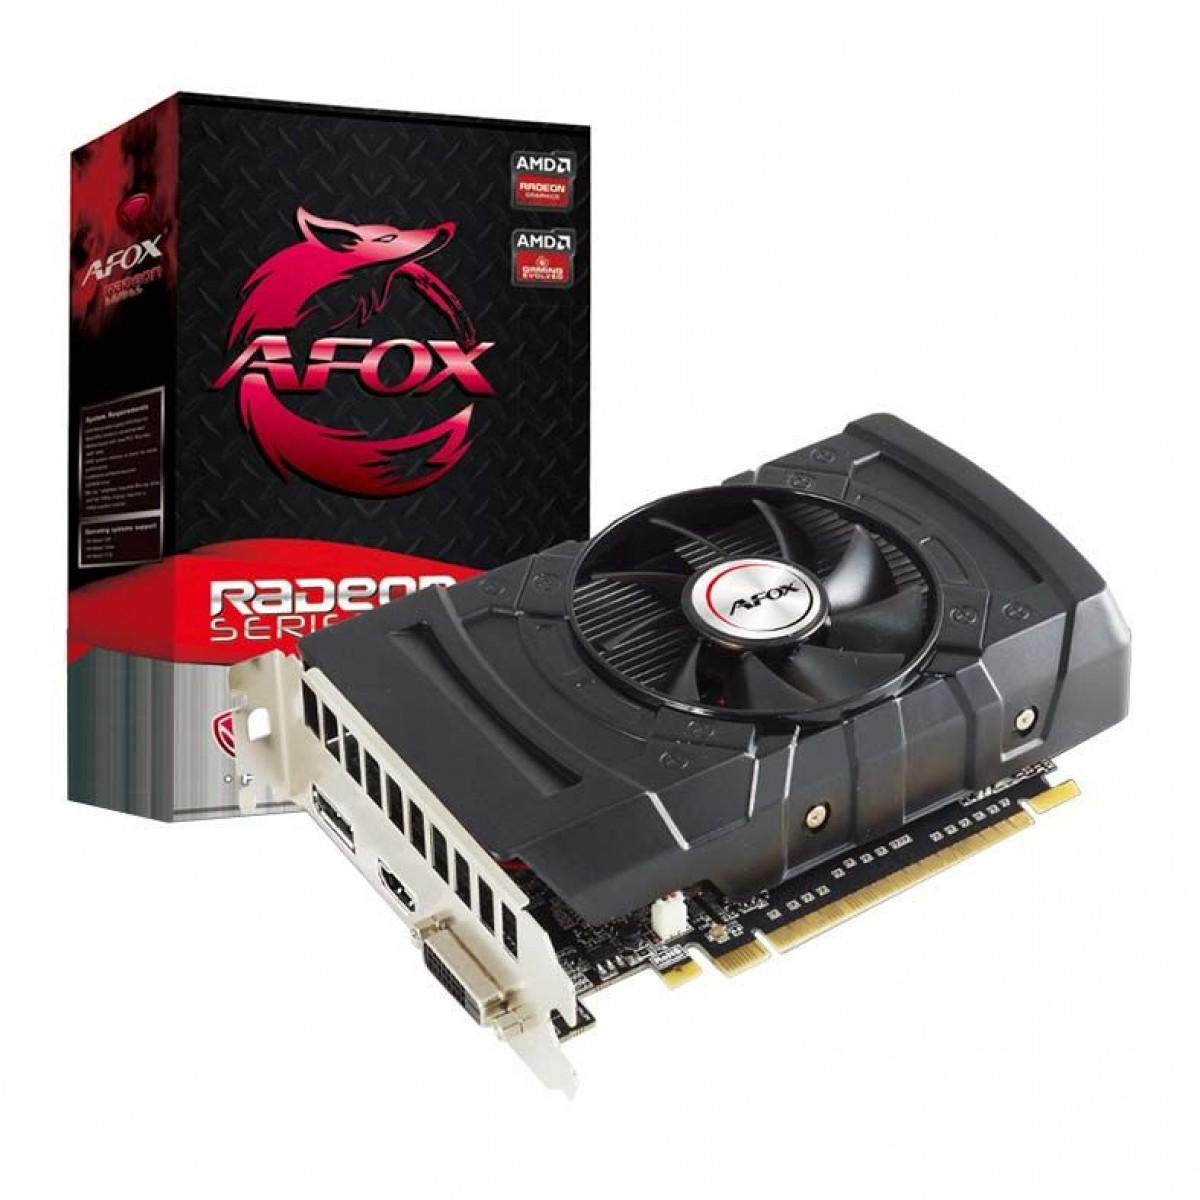 Placa de Vídeo Afox Radeon RX 550 2GB GDDR5, 128Bit, AFRX550-2048D5H3